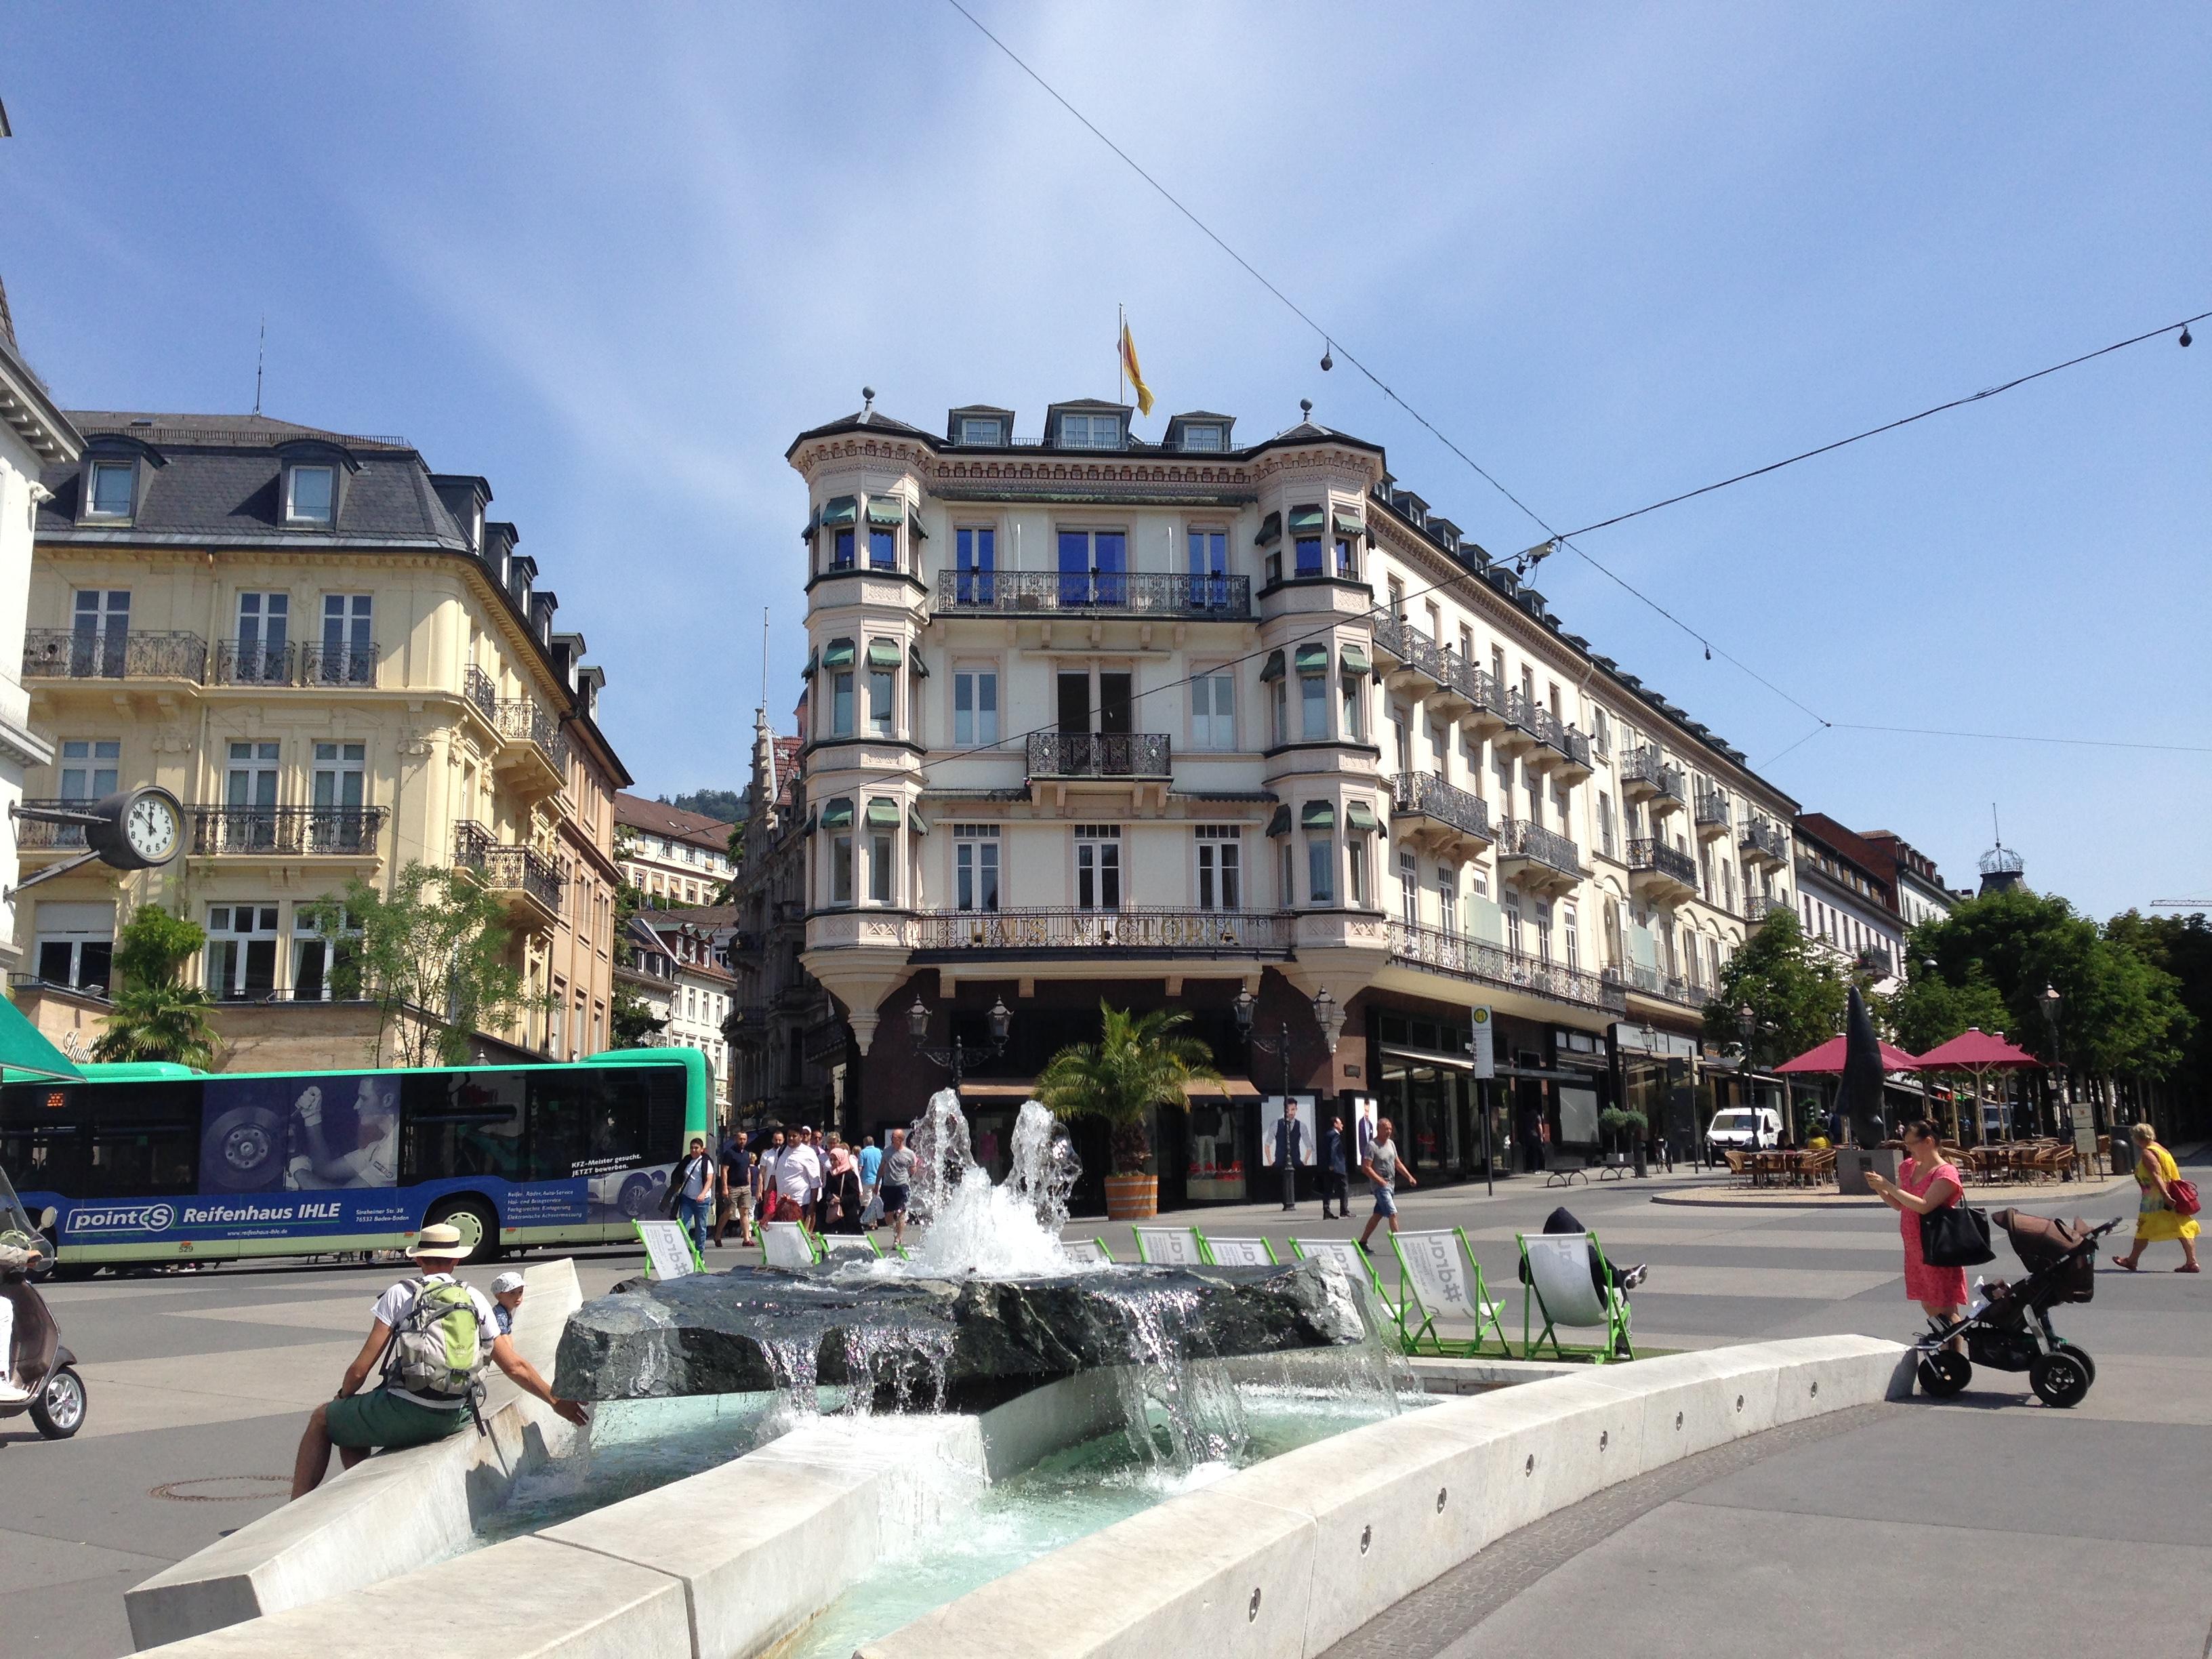 17_Baden Baden (3)